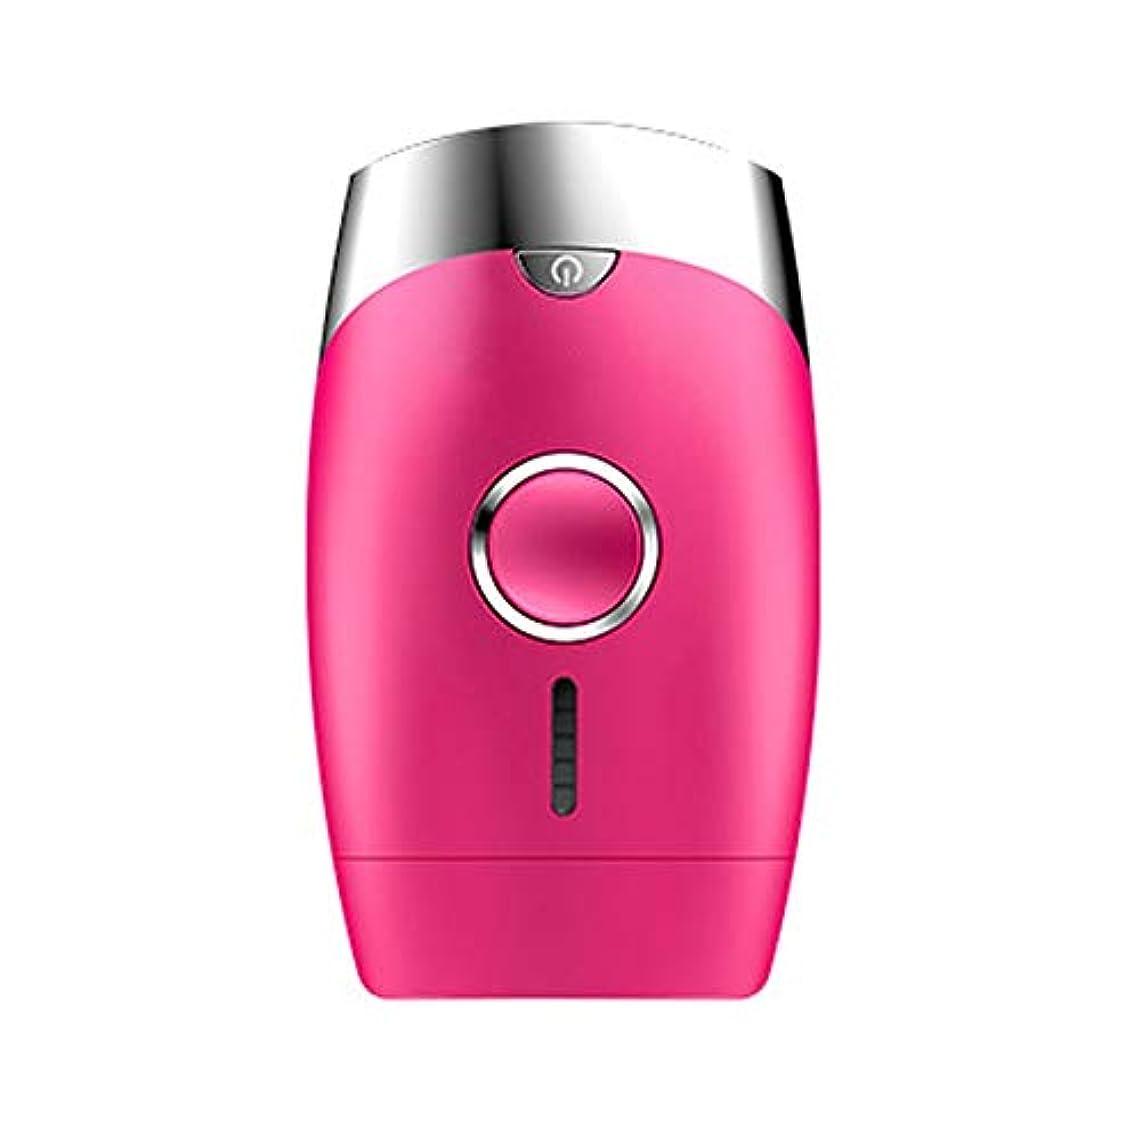 受取人床エジプト人ピンク、5スピード調整、インテリジェント家庭用痛みのない凝固点ヘアリムーバー、シングルフラッシュ/連続フラッシュ、サイズ13.9 X 8.3 X 4.8 Cm 髪以外はきれい (Color : Pink)